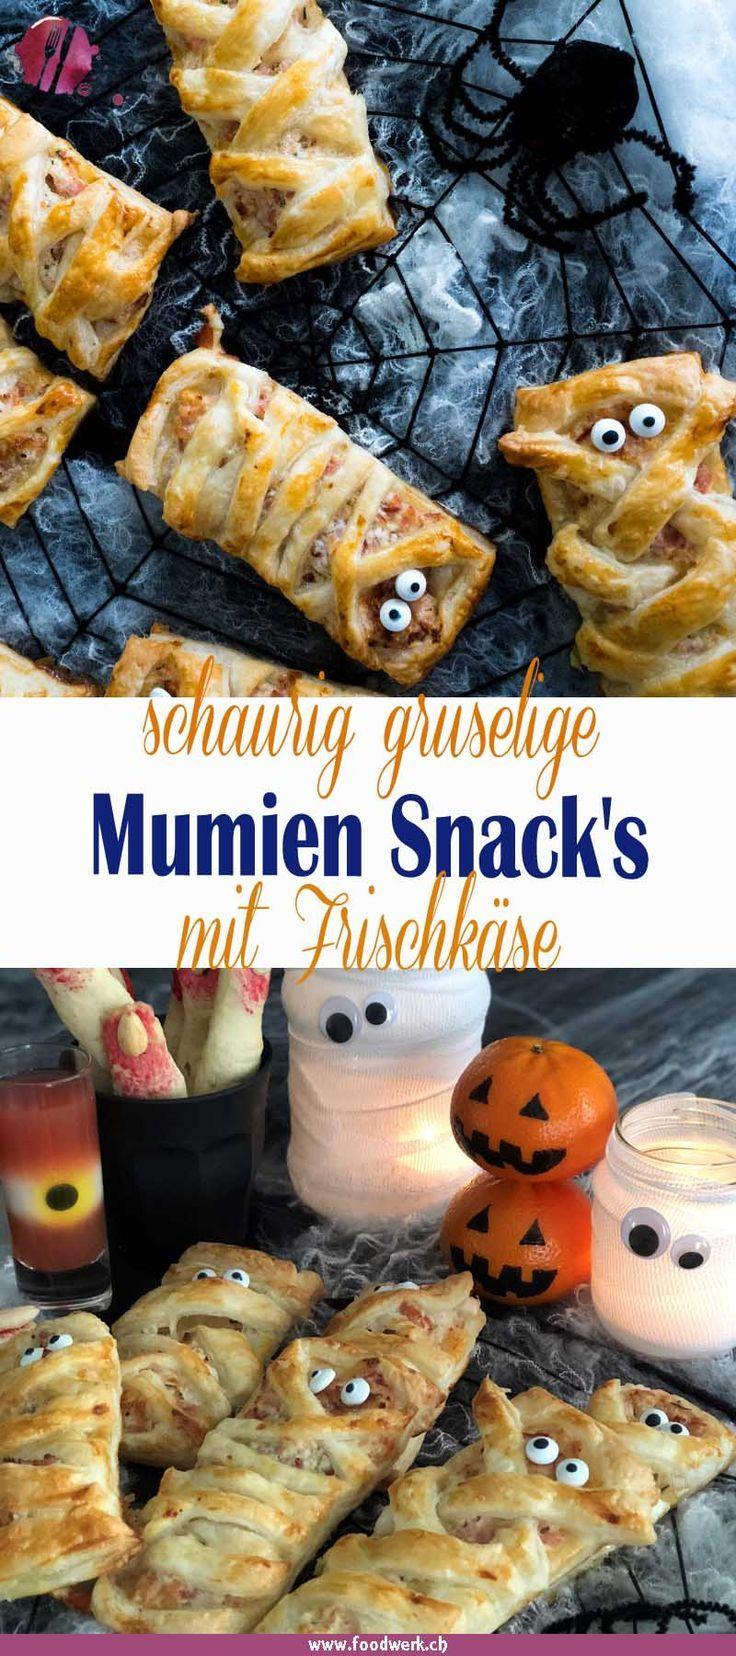 Gruseliger Mumien Halloween Snack mit Schinken und Käse | Food-Blog Schweiz | foodwerk.ch #halloweenkuchen